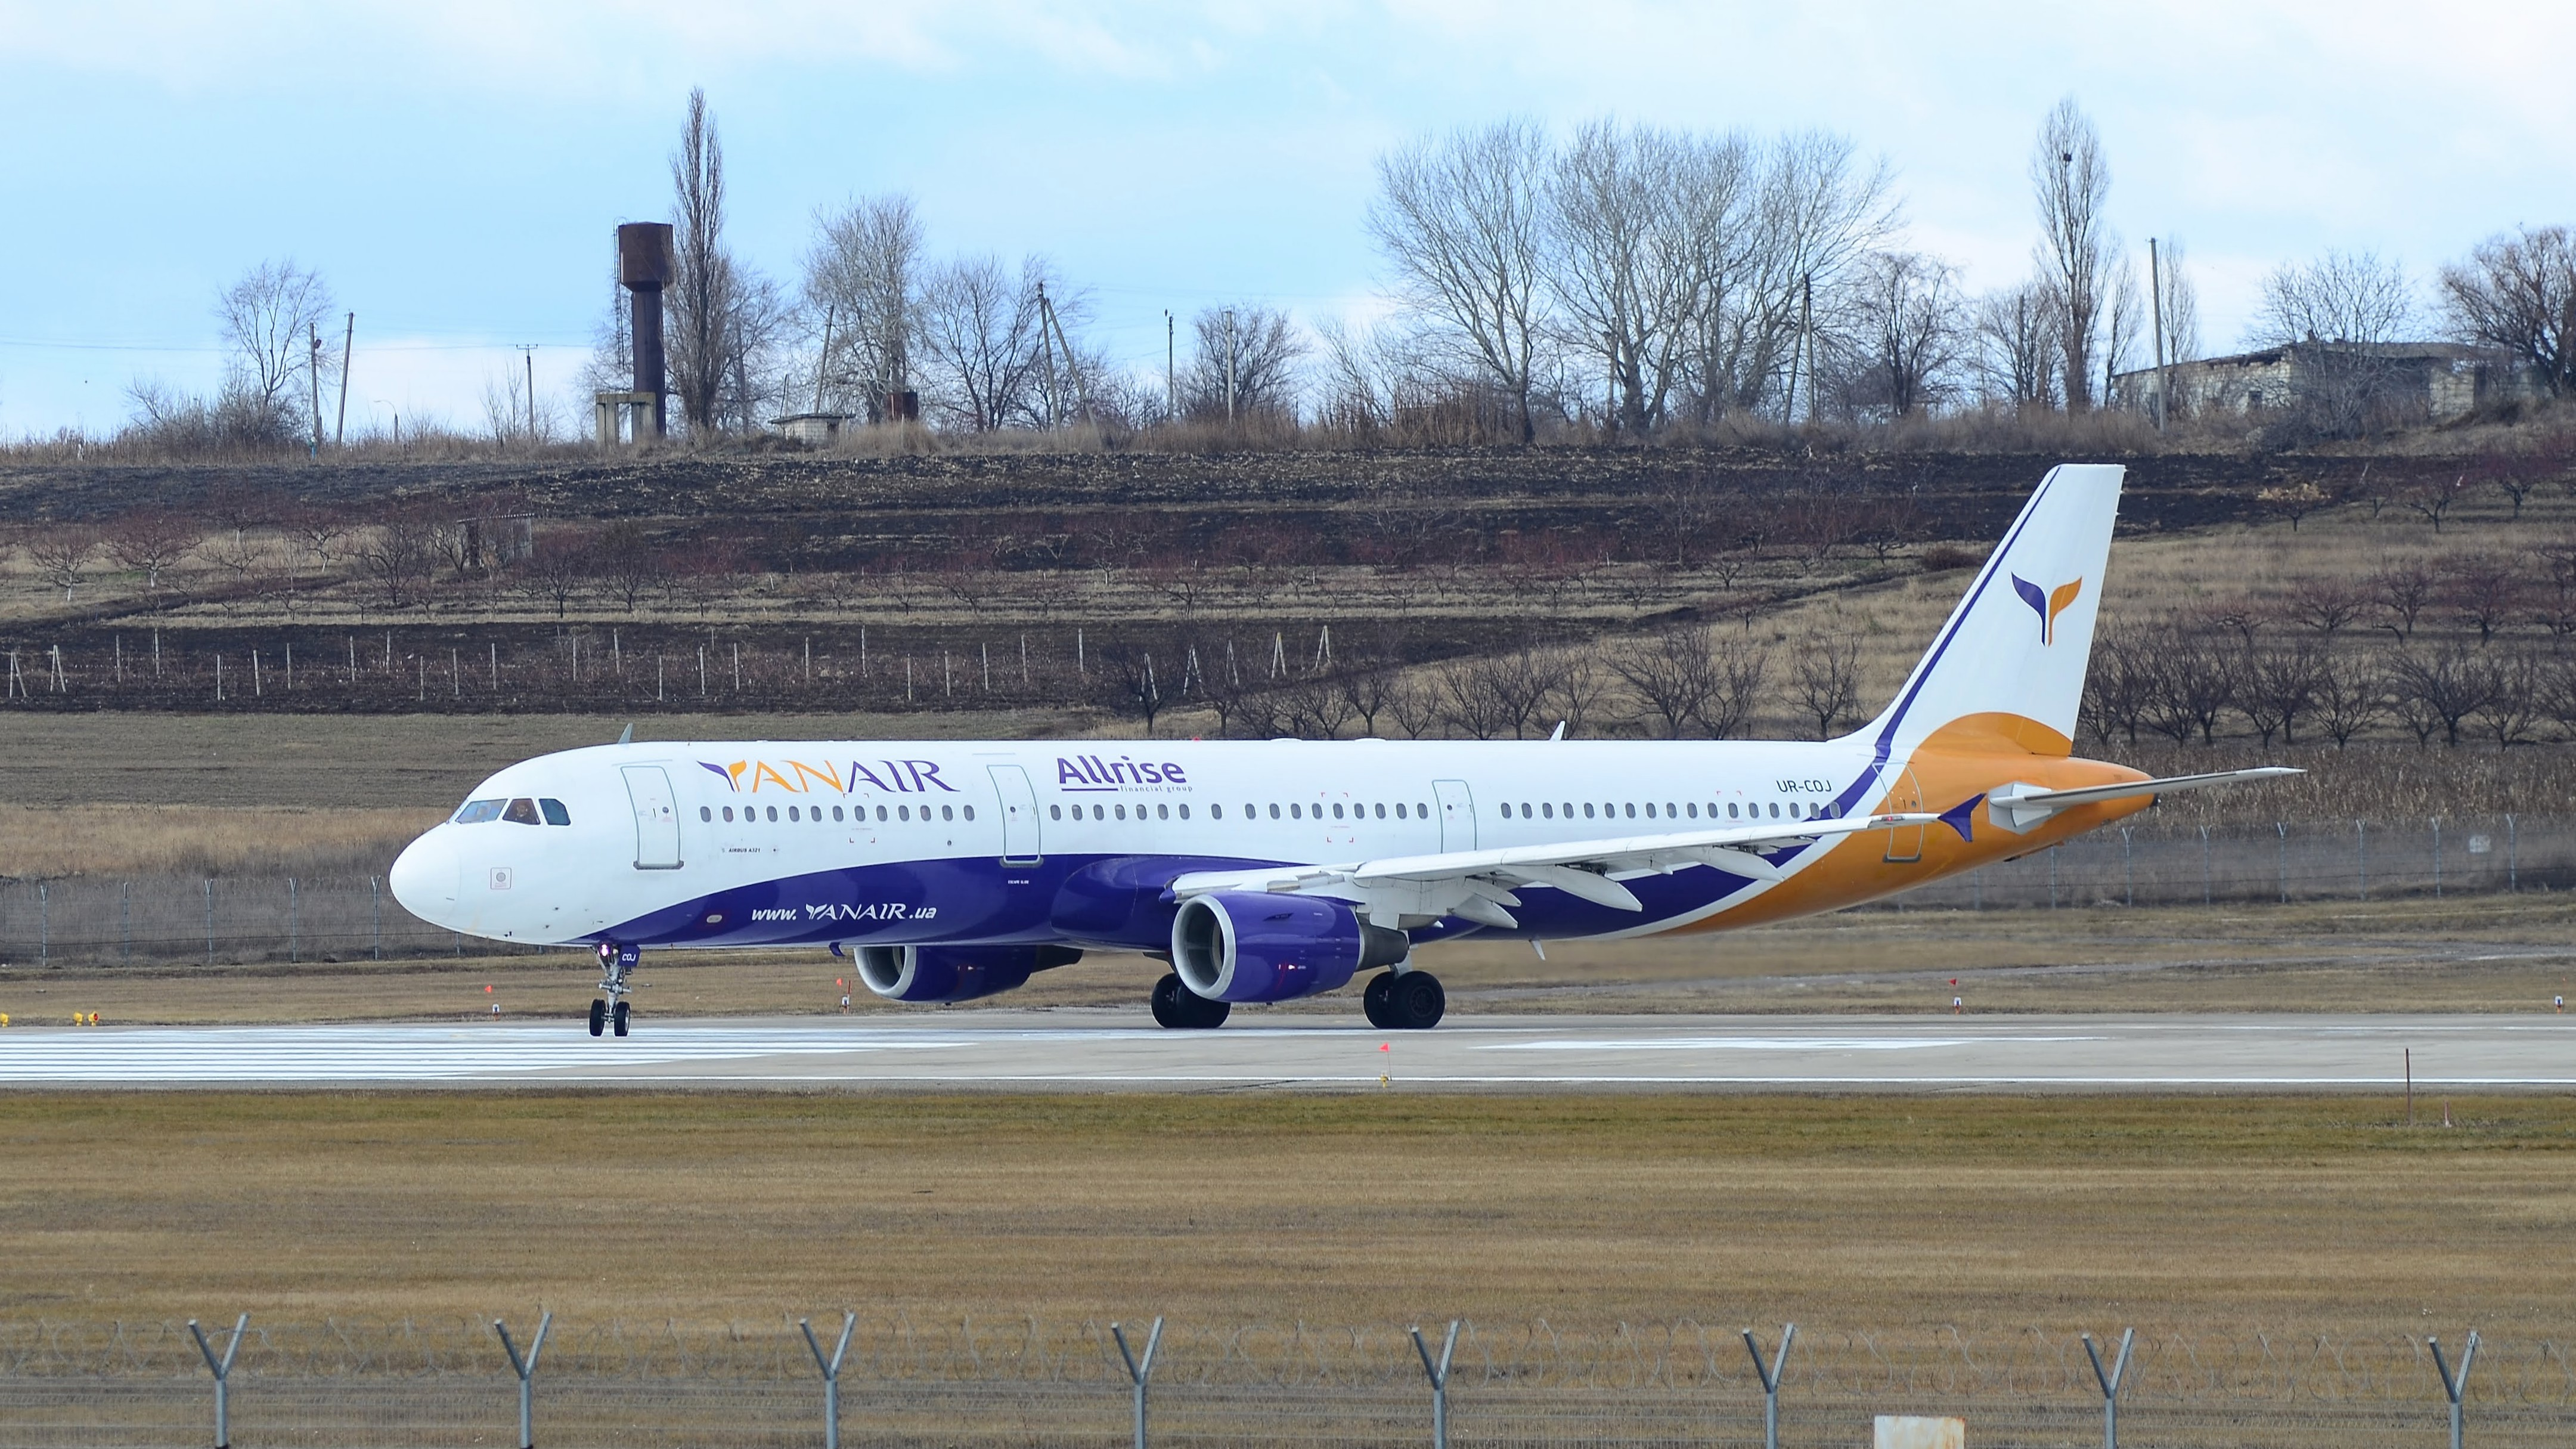 Aitbus A321 UR-COJ